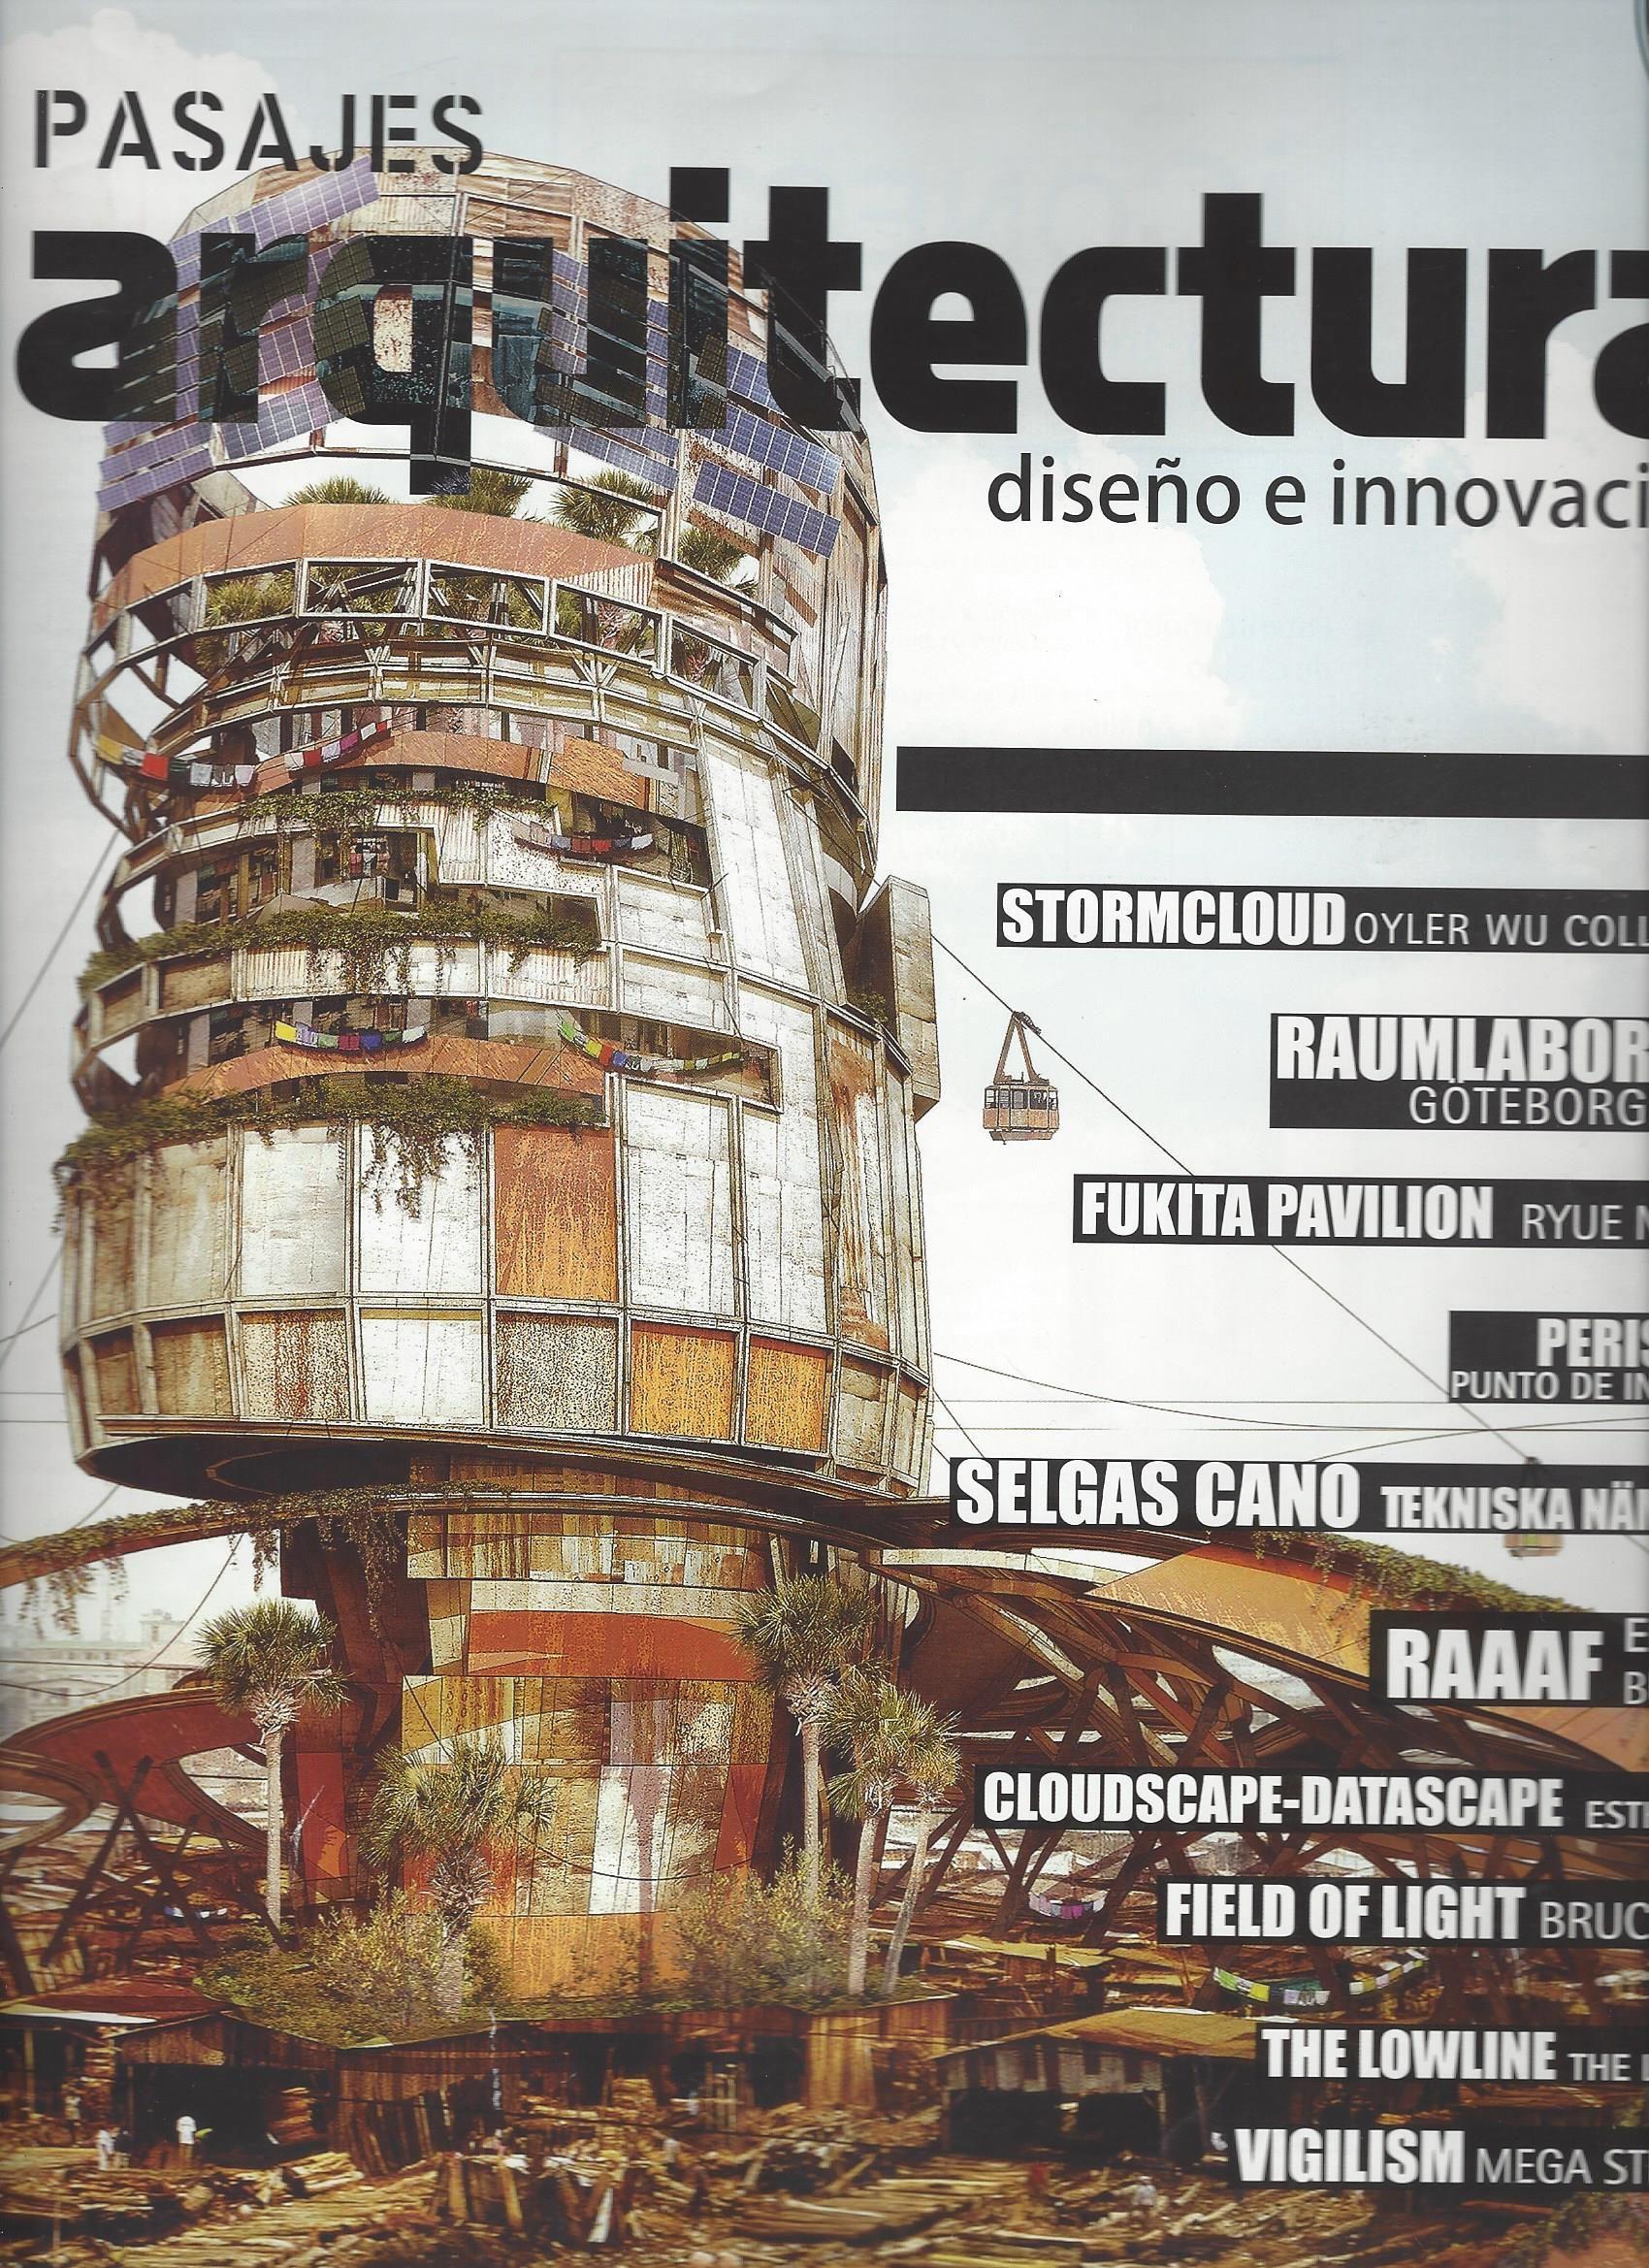 Pasajes arquitectura diseño e innovación (Madrid) / NA 5 P3 NO 140 2015